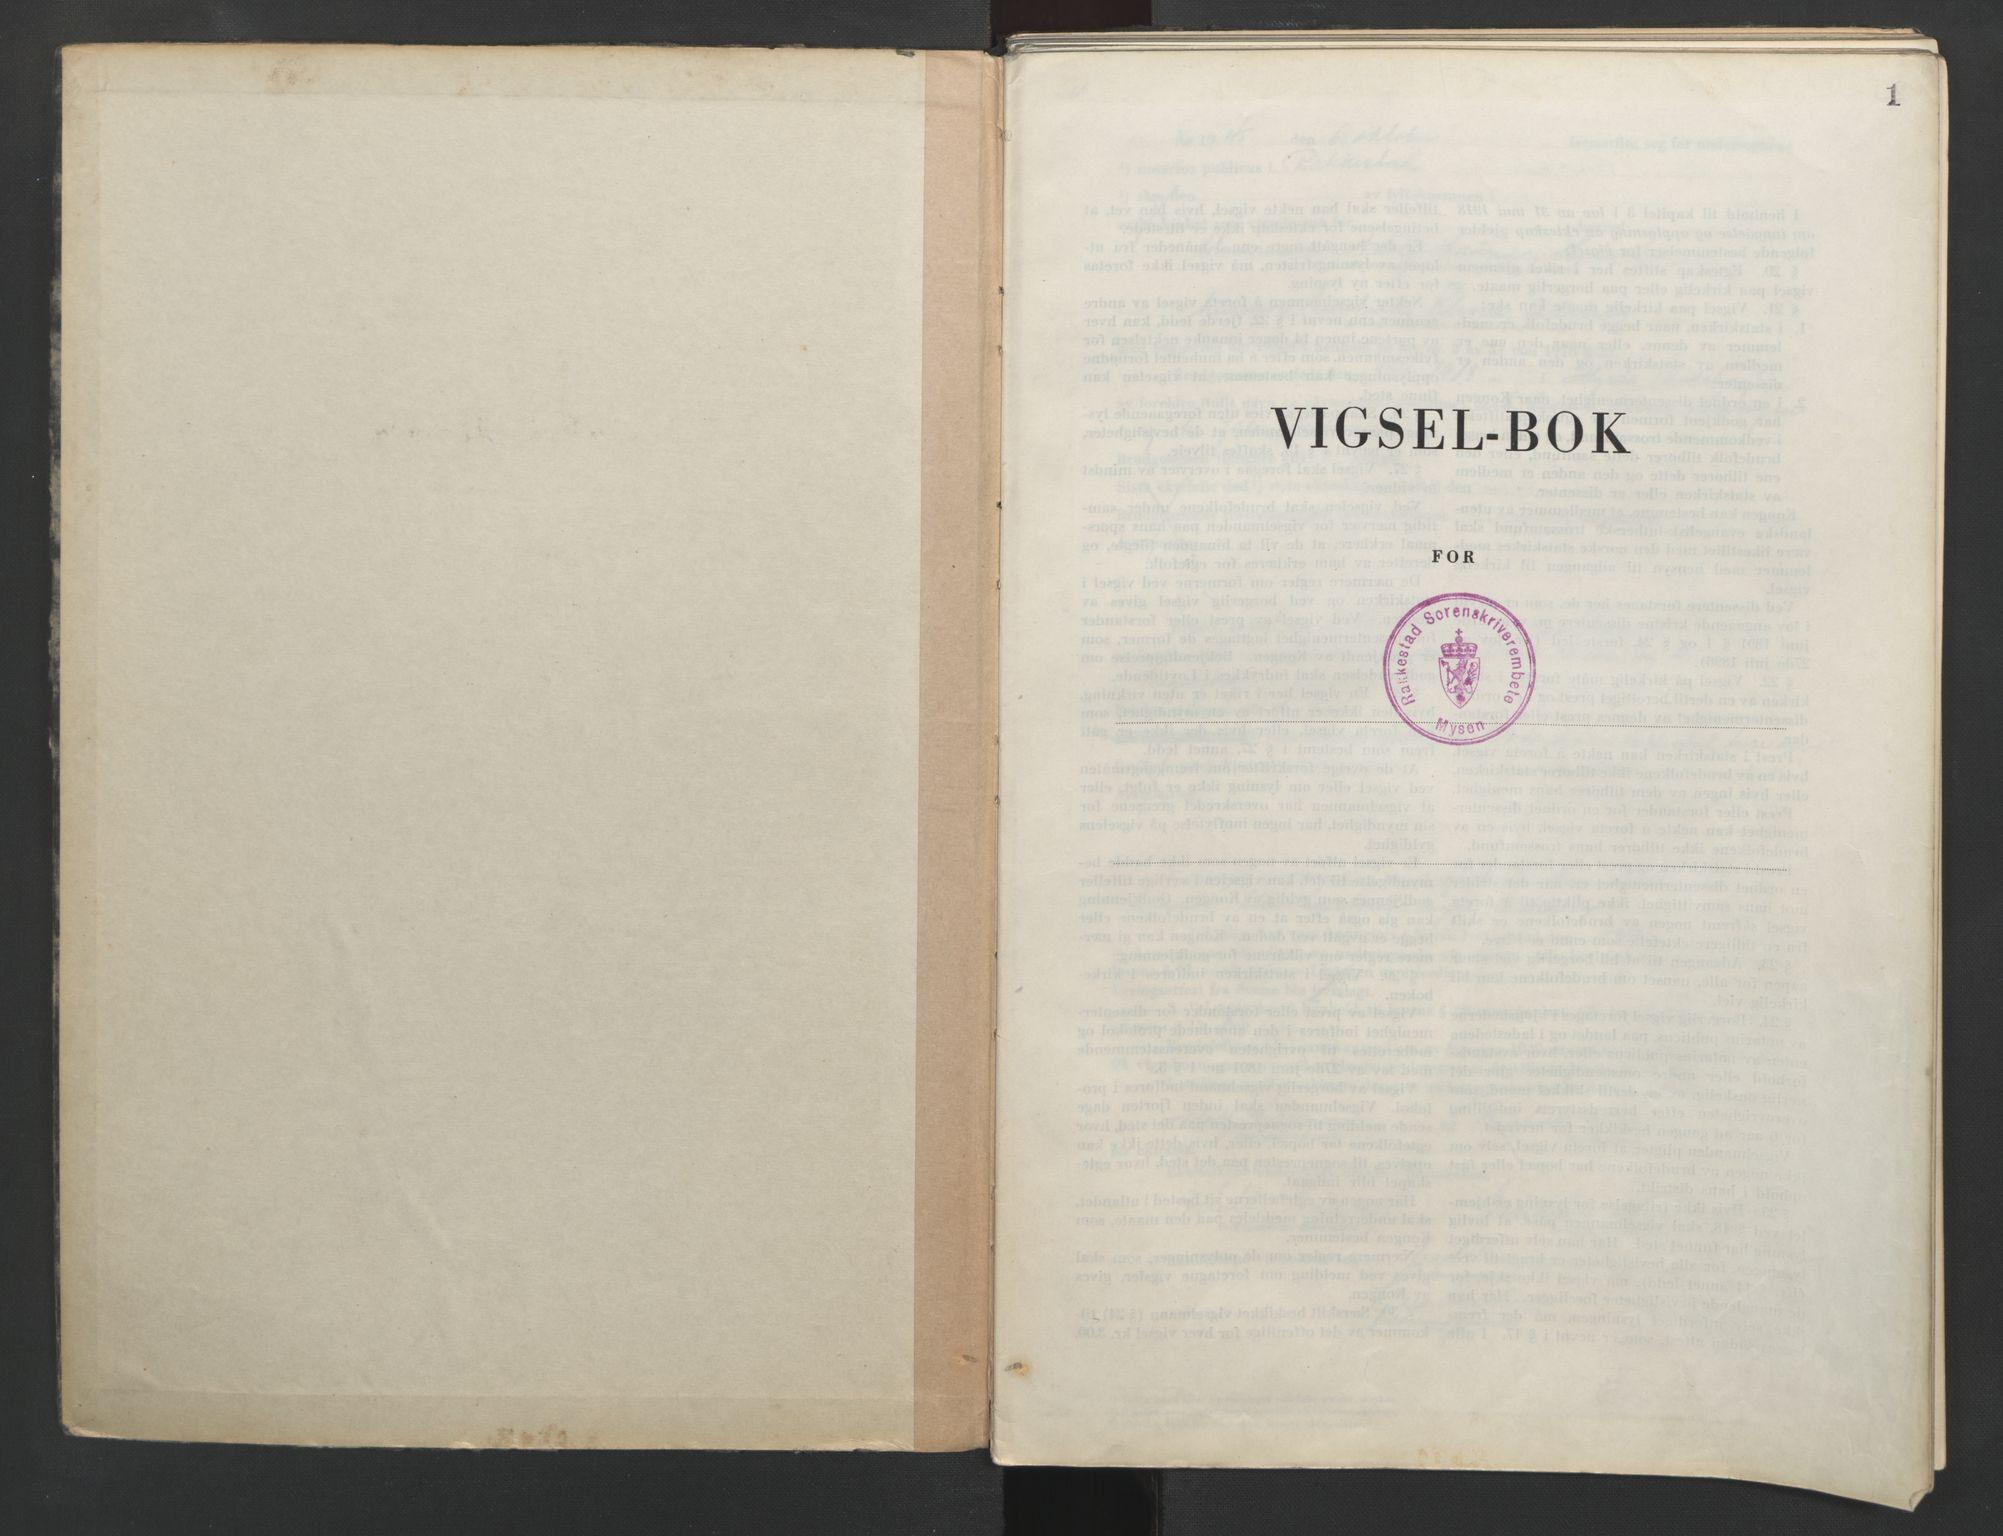 SAO, Rakkestad sorenskriveri, L/Lc/Lca/L0005: Vigselbøker, 1945-1951, s. 1